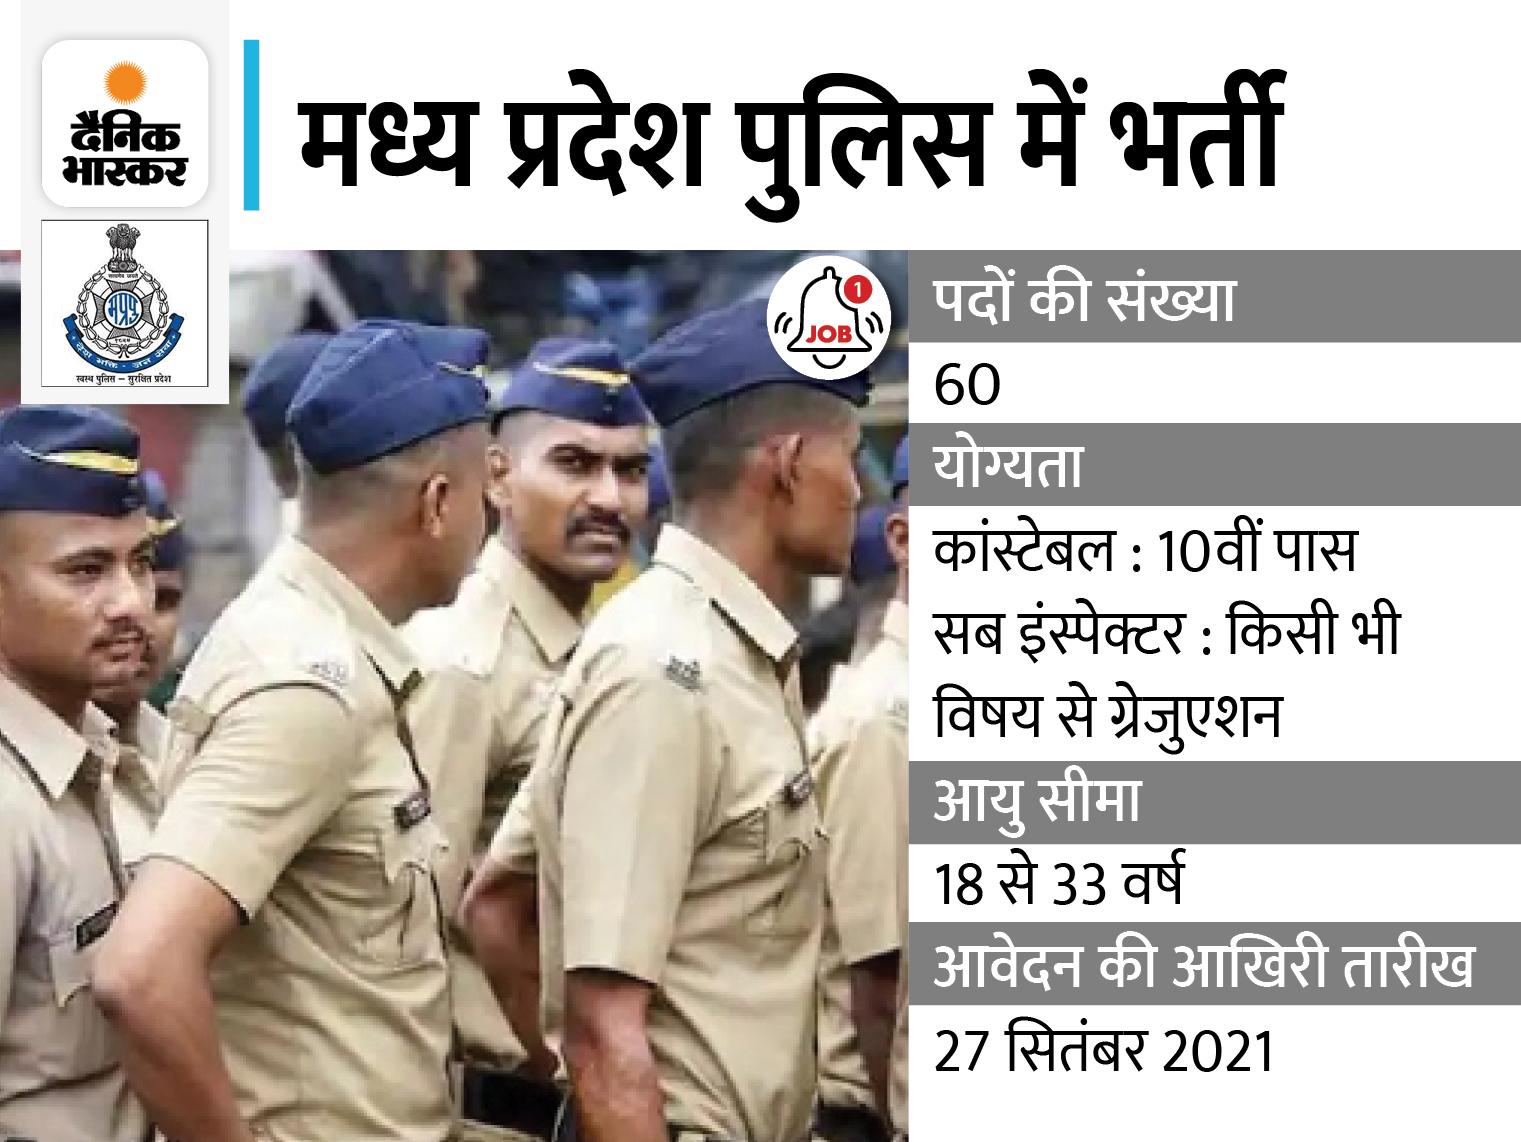 एमपी पुलिस में कांस्टेबल और सब-इंस्पेक्टर के 60 पदों पर निकली भर्ती, ग्रेजुएट होल्डर कैंडिडेट्स 27 सितंबर 2021 तक कर सकते हैं आवेदन|करिअर,Career - Dainik Bhaskar